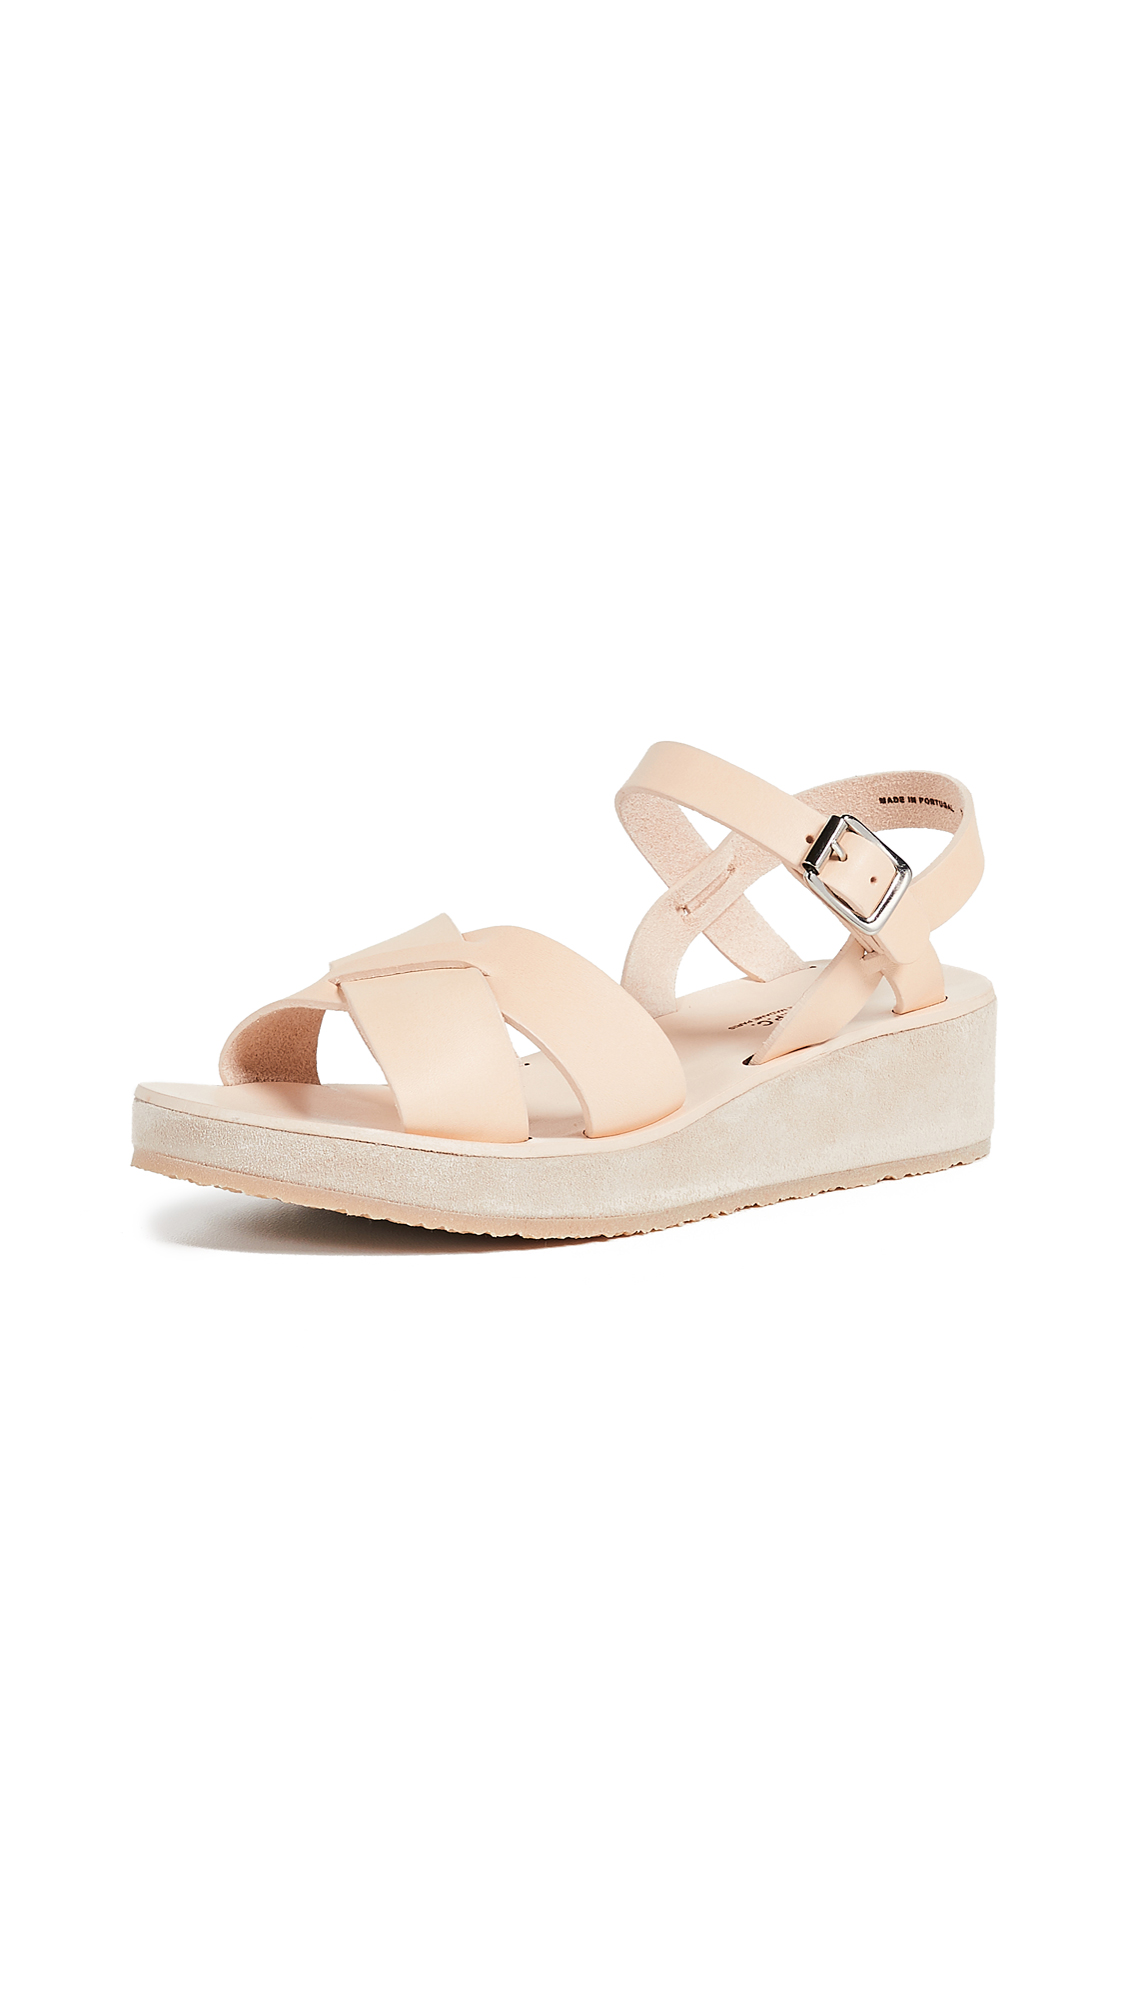 A.P.C. Originales Sandals - Bad Beige Naturel